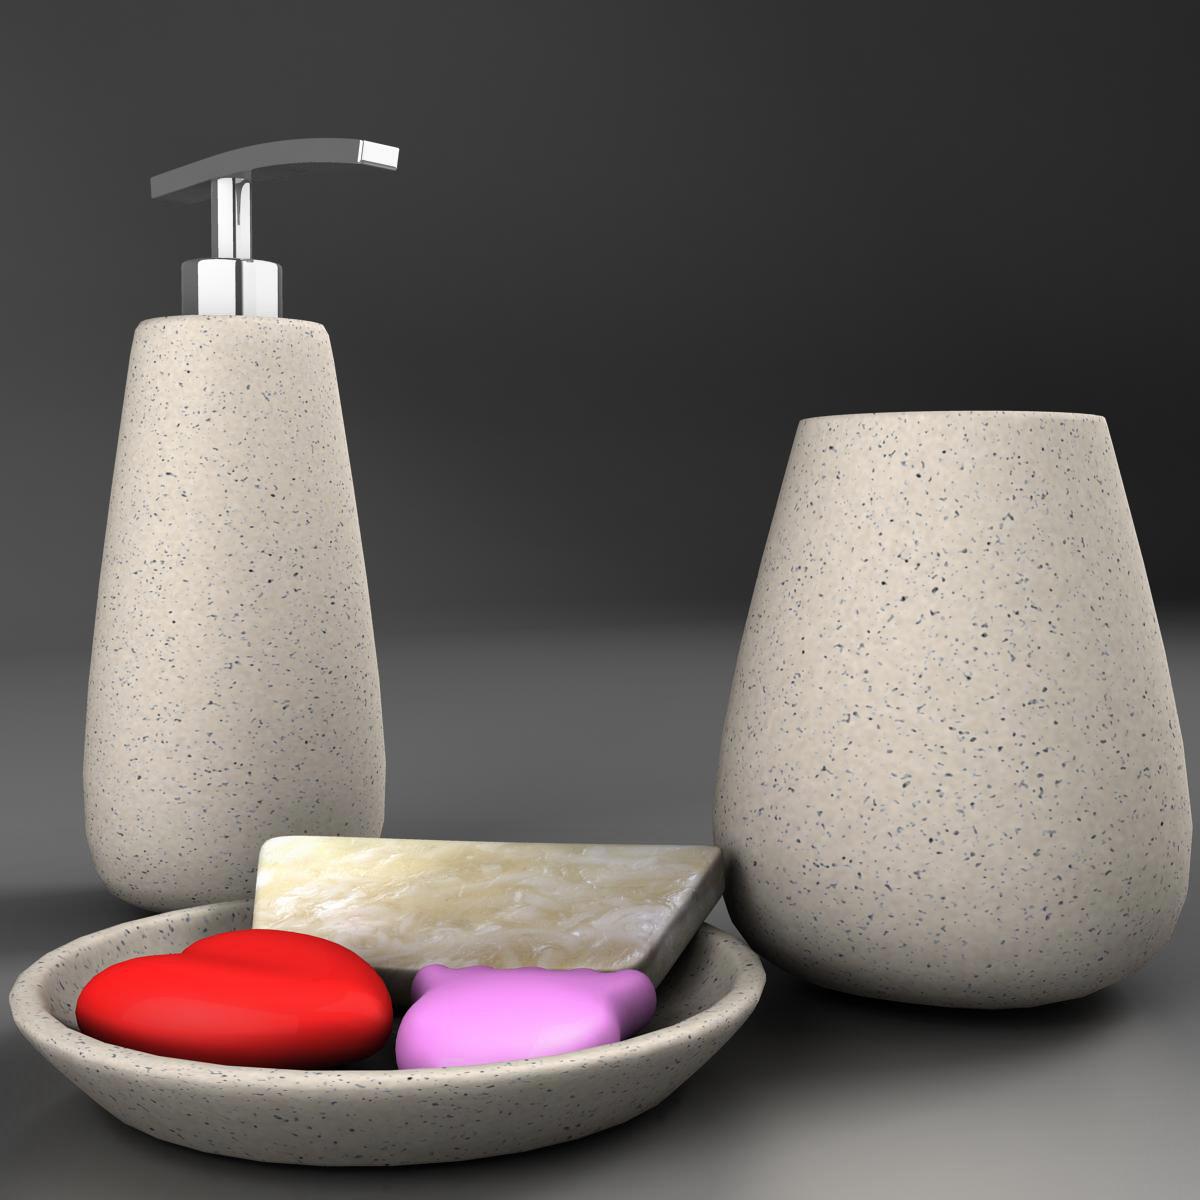 bath set 3d model 3ds max fbx ma mb obj 158112